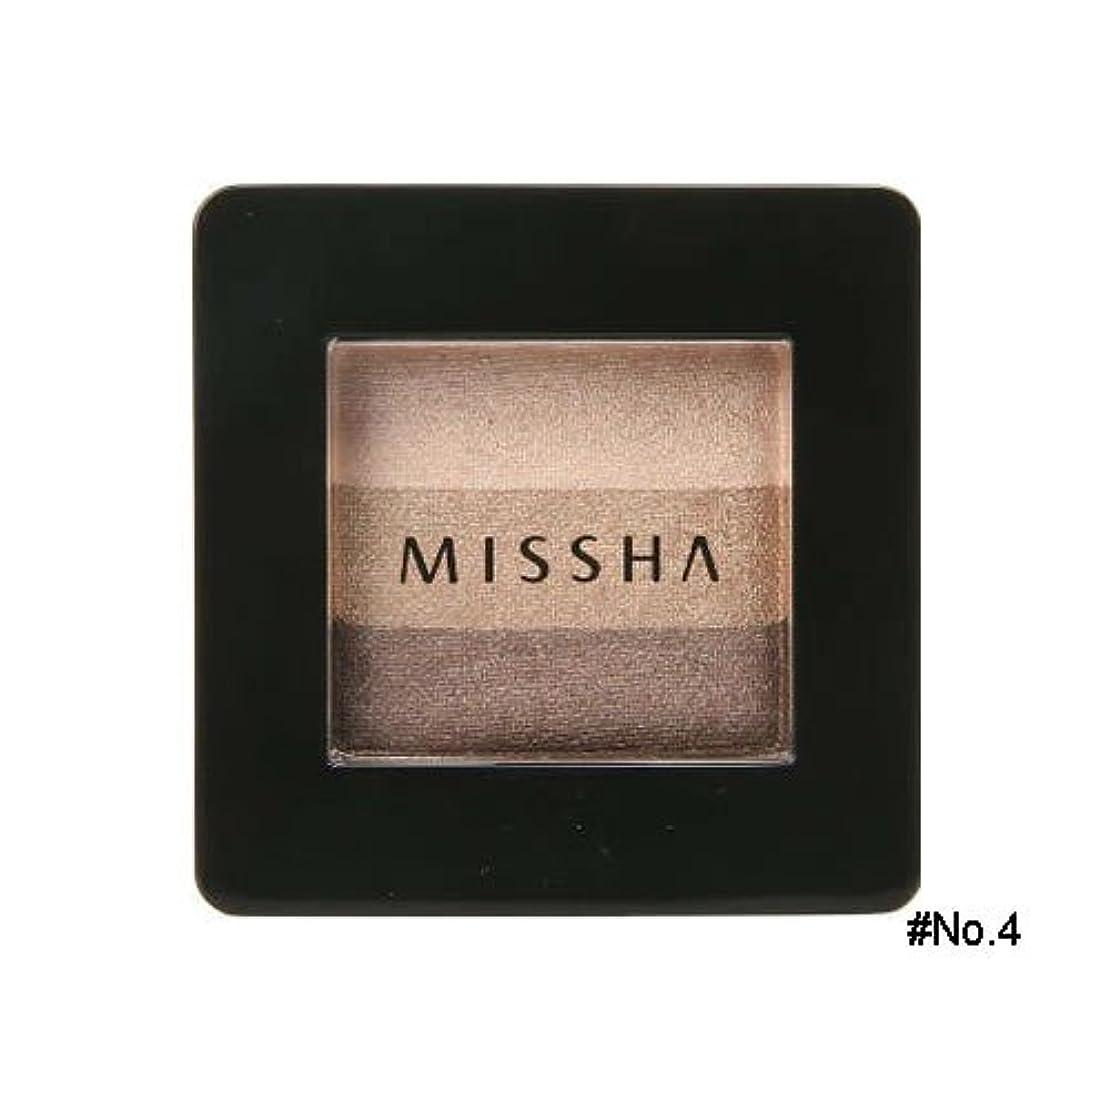 幸運浴室免除するミシャ(MISSHA) トリプルシャドウ 2g No.4(チョコレートブラウン) [並行輸入品]